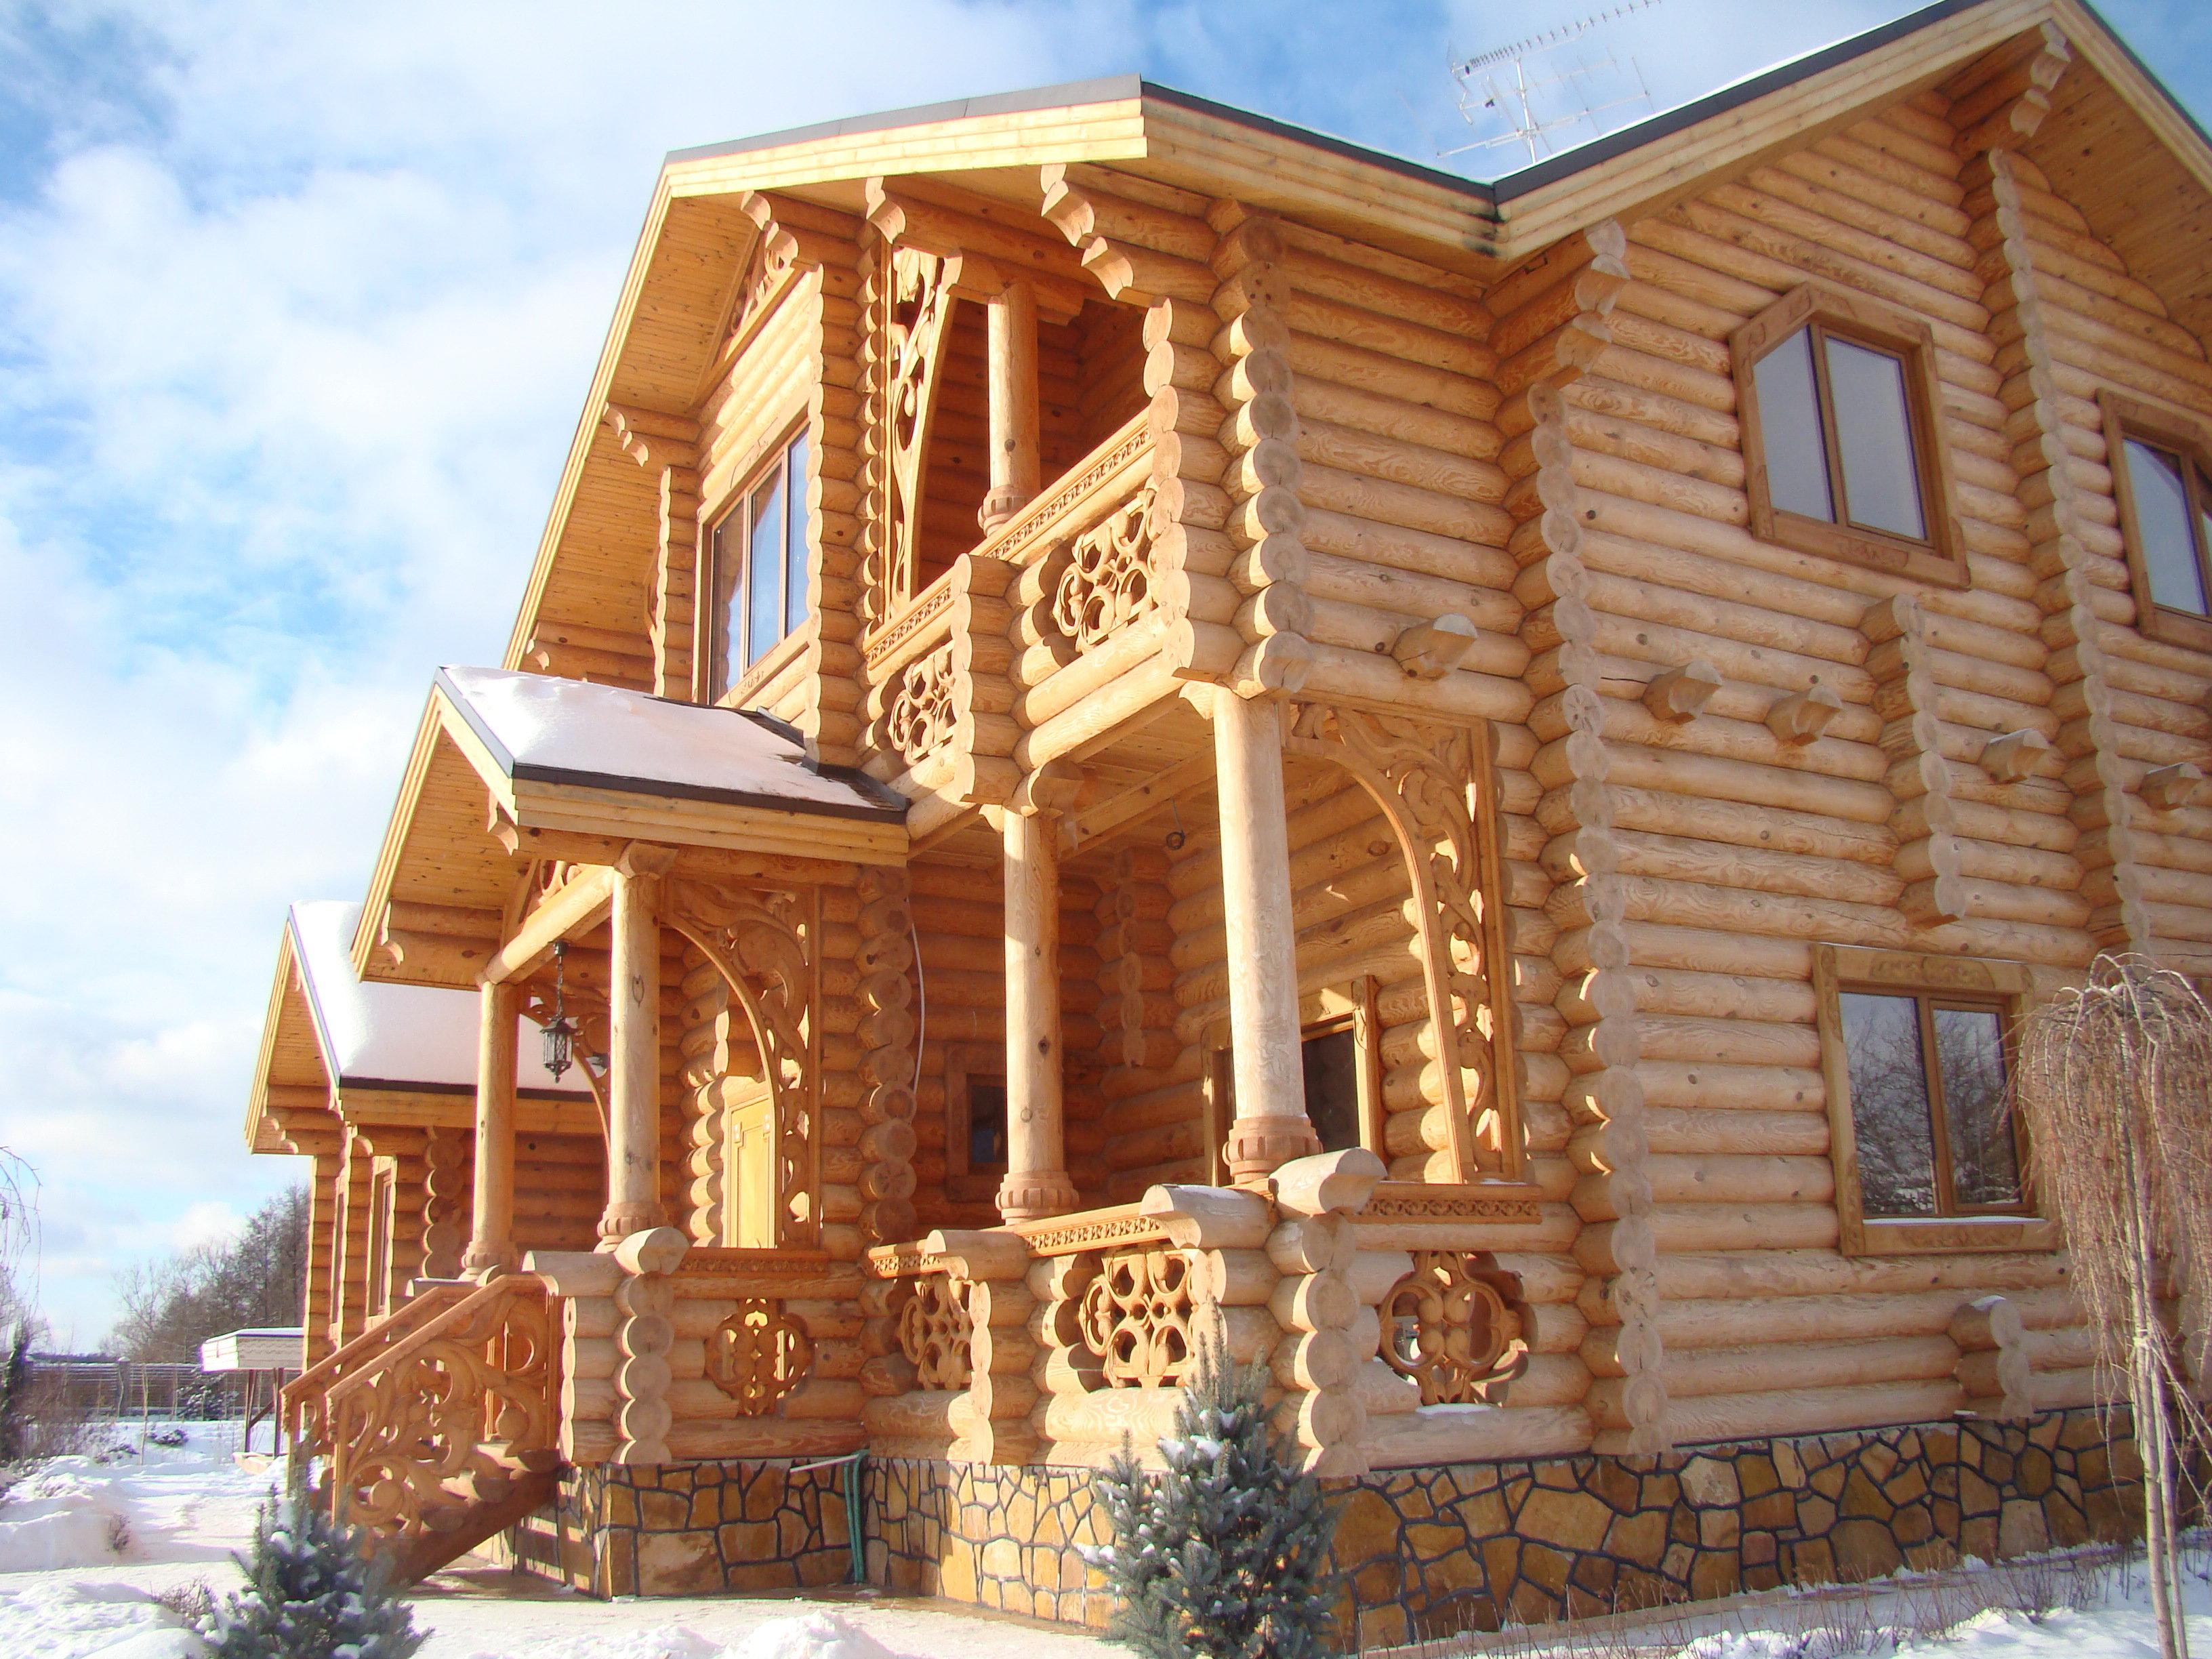 С помощью противопожарных составов любое деревянное здание будет надежно защищено от воздействия огня